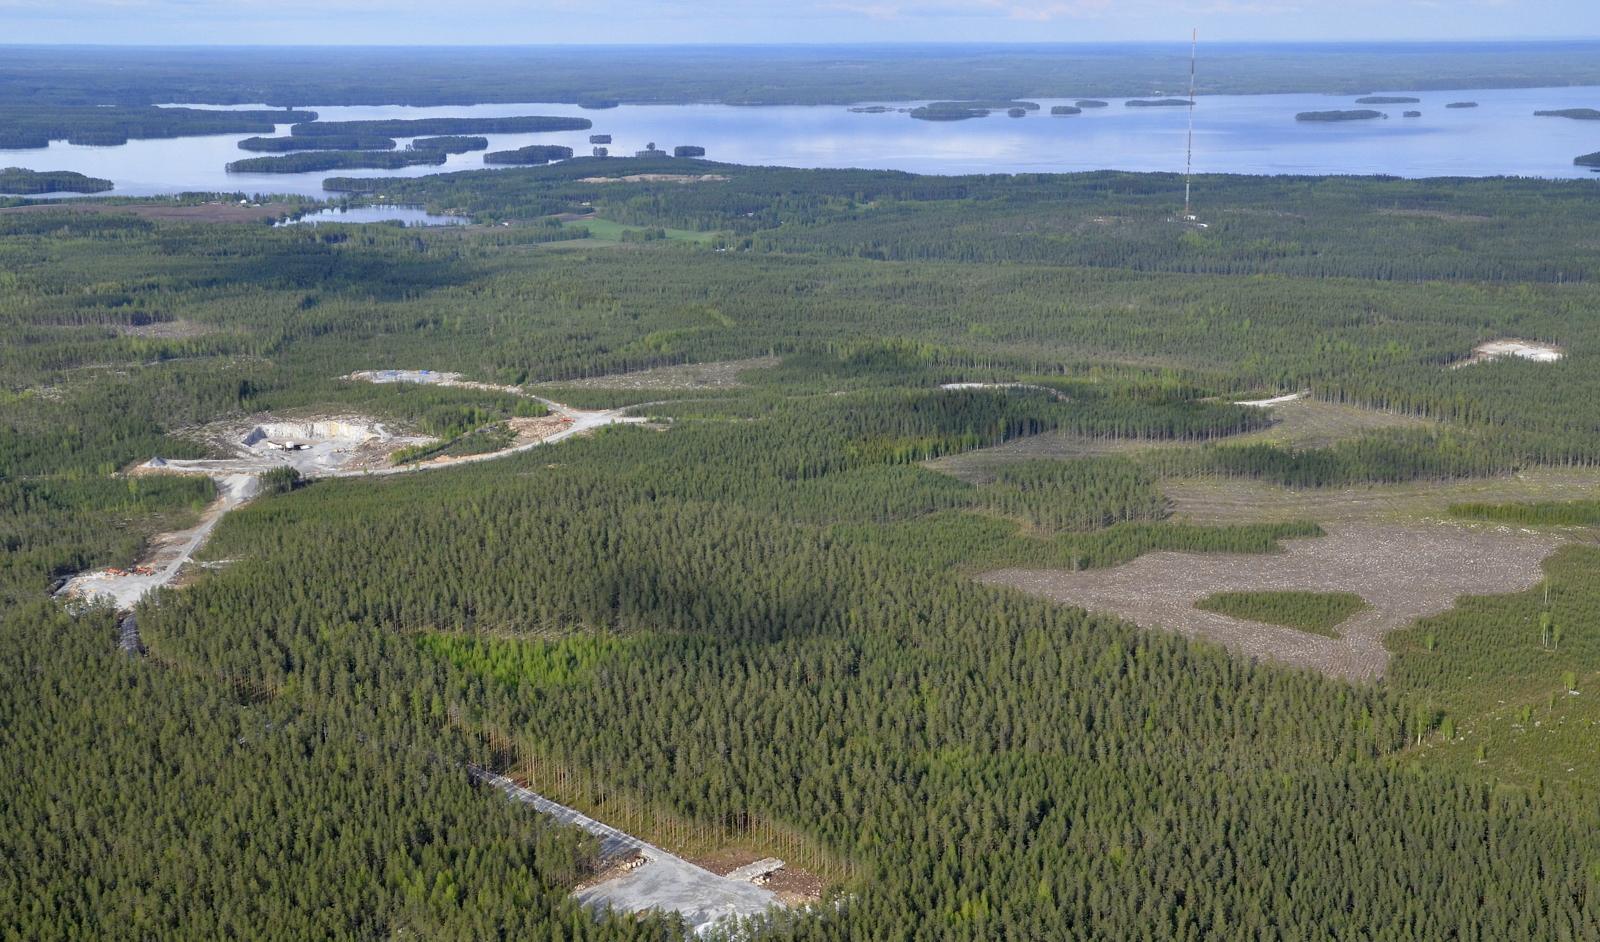 Ilosjoen radiomasto mukana kuvassa. Vasemmalla Ilosjärvi ja Iloskoki.